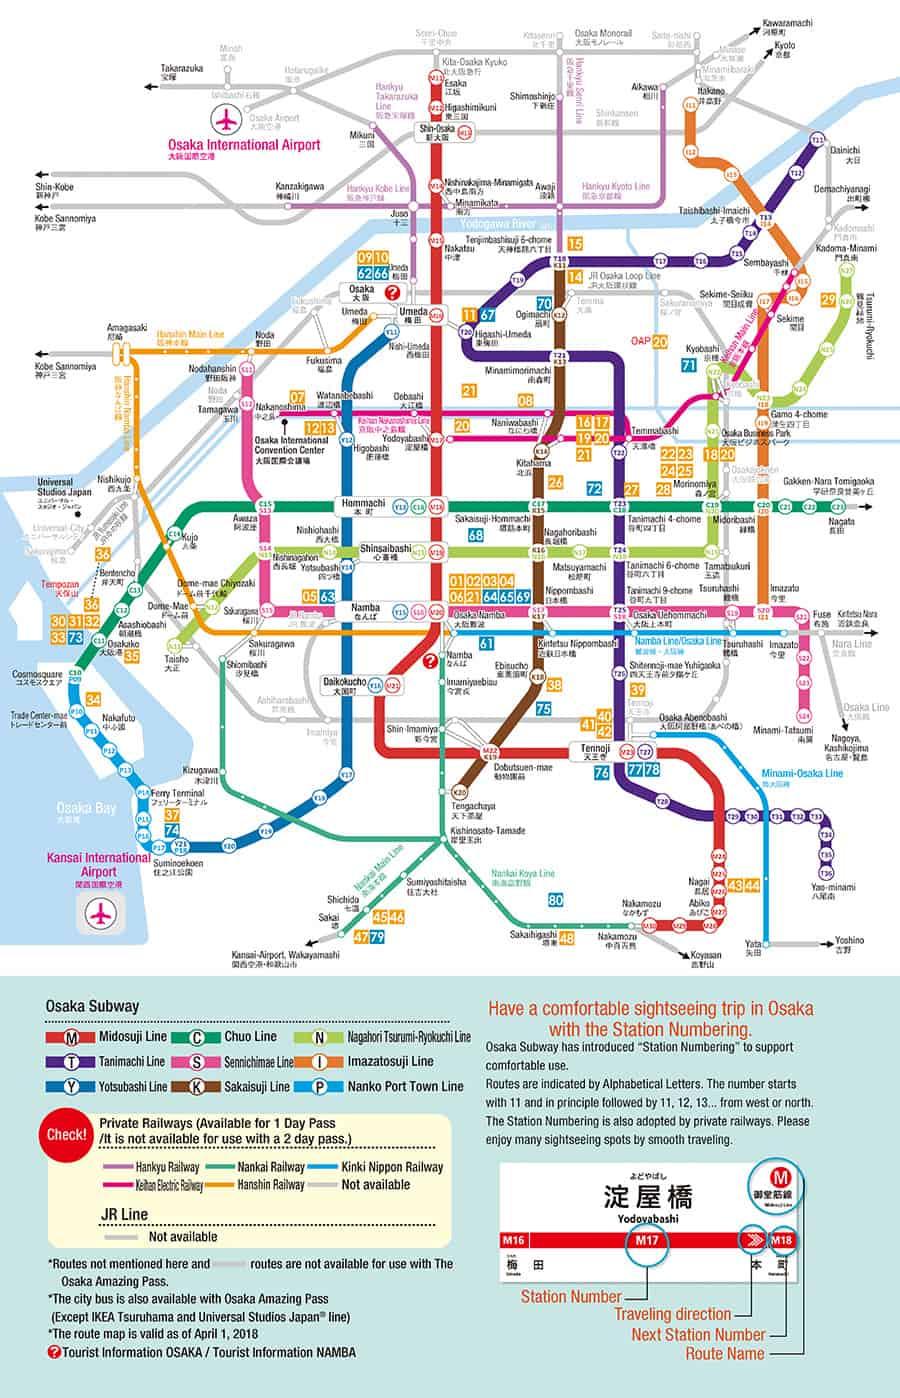 สถานีที่สามารถใช้ Osaka Amazing Pass 1 day ได้